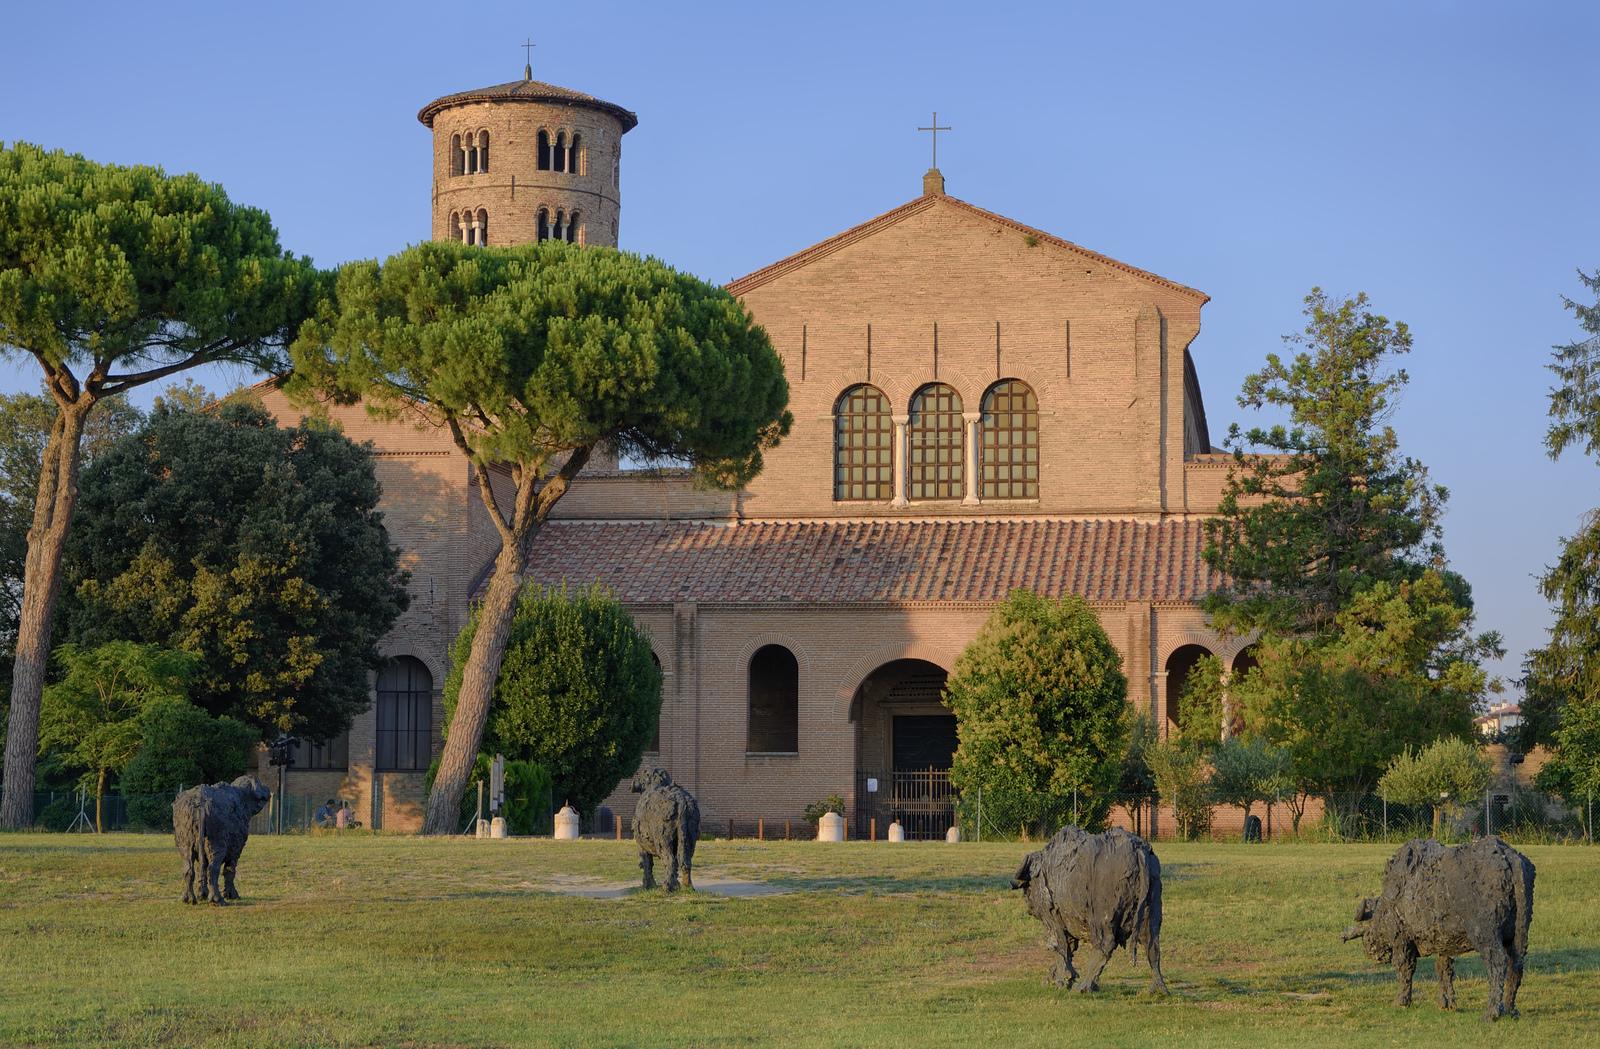 Le basilica di Sant'Apollinare in Cervia | Foto by Paolo dell'Angelo, via Flickr